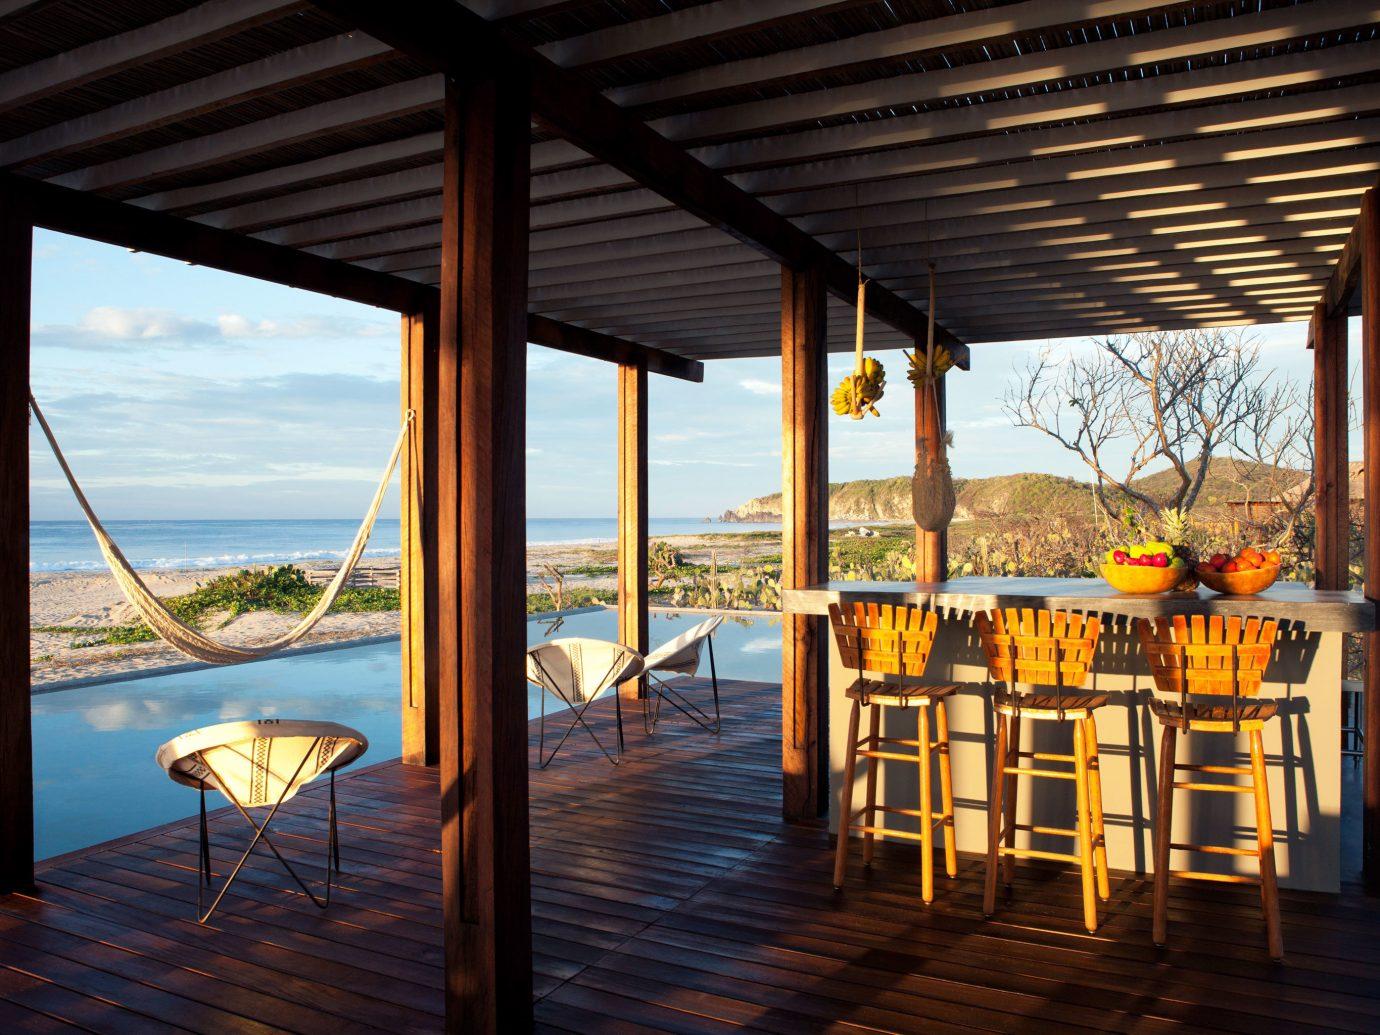 Outdoor bar at Hotel Escondido, Puerto Escondido, Mexico